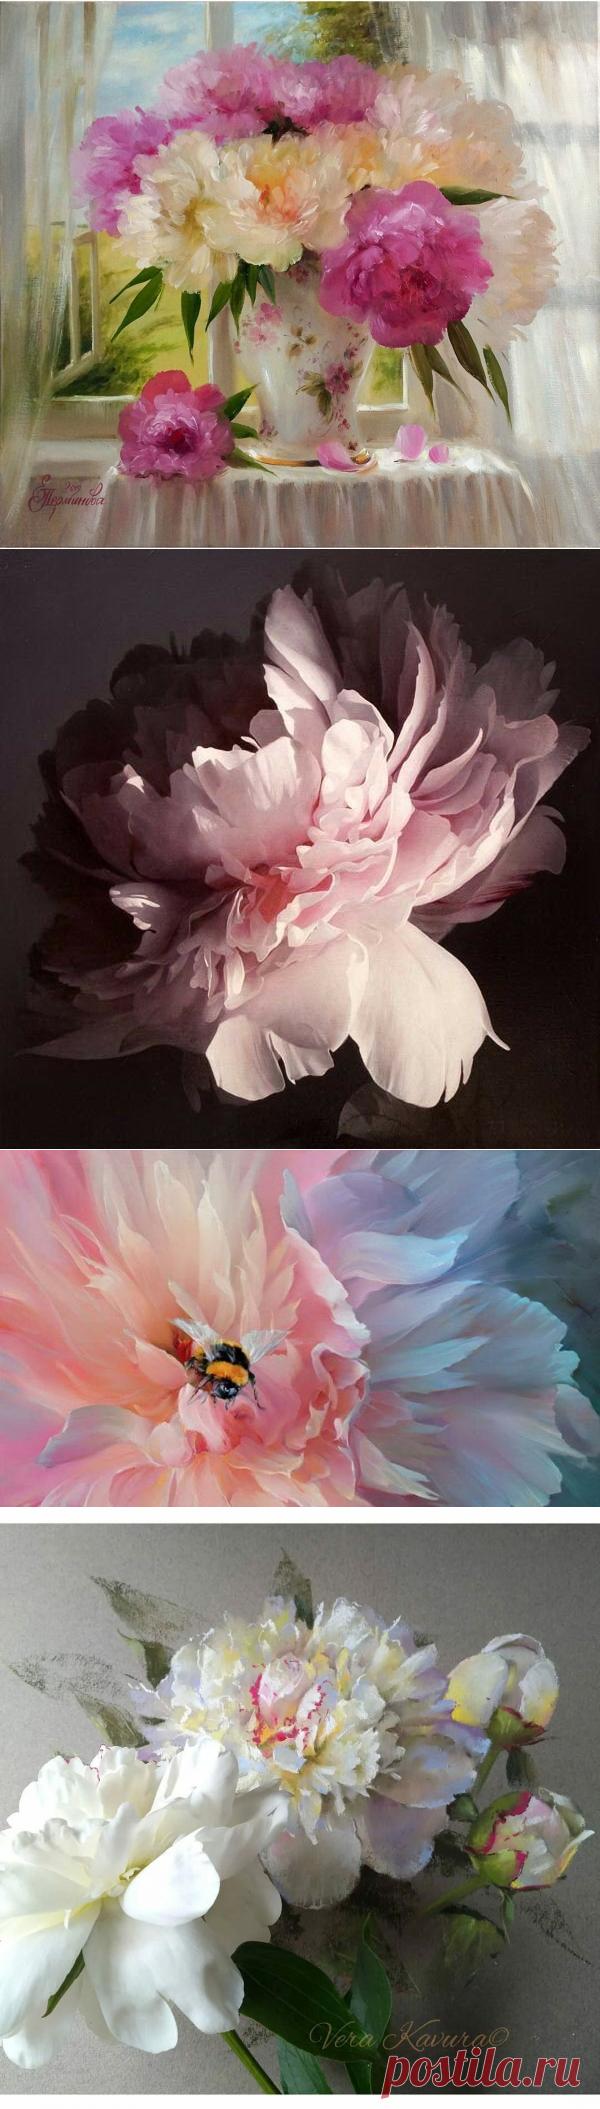 Пионы в живописи   Несколько минут истинного удовольствия!   Позитив красок   Яндекс Дзен